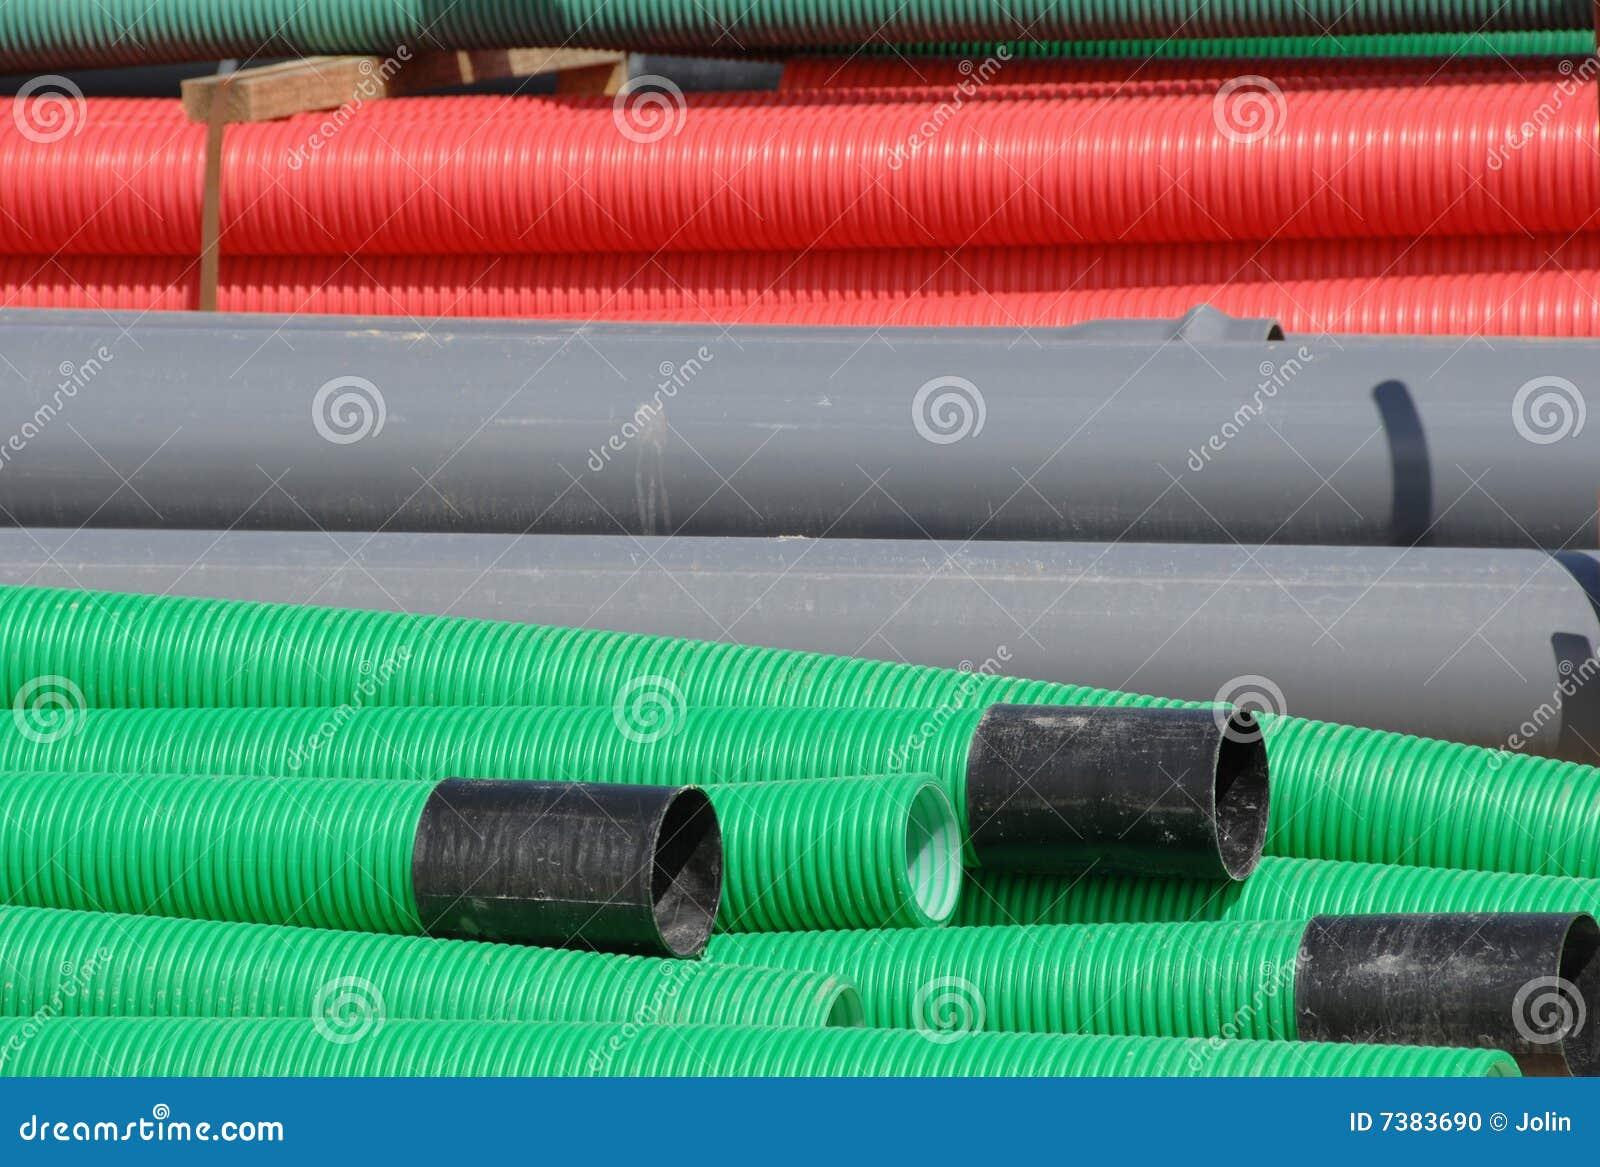 Erstaunlich Bunte Flexible Rohre Stockfoto - Bild: 7383690 QI62